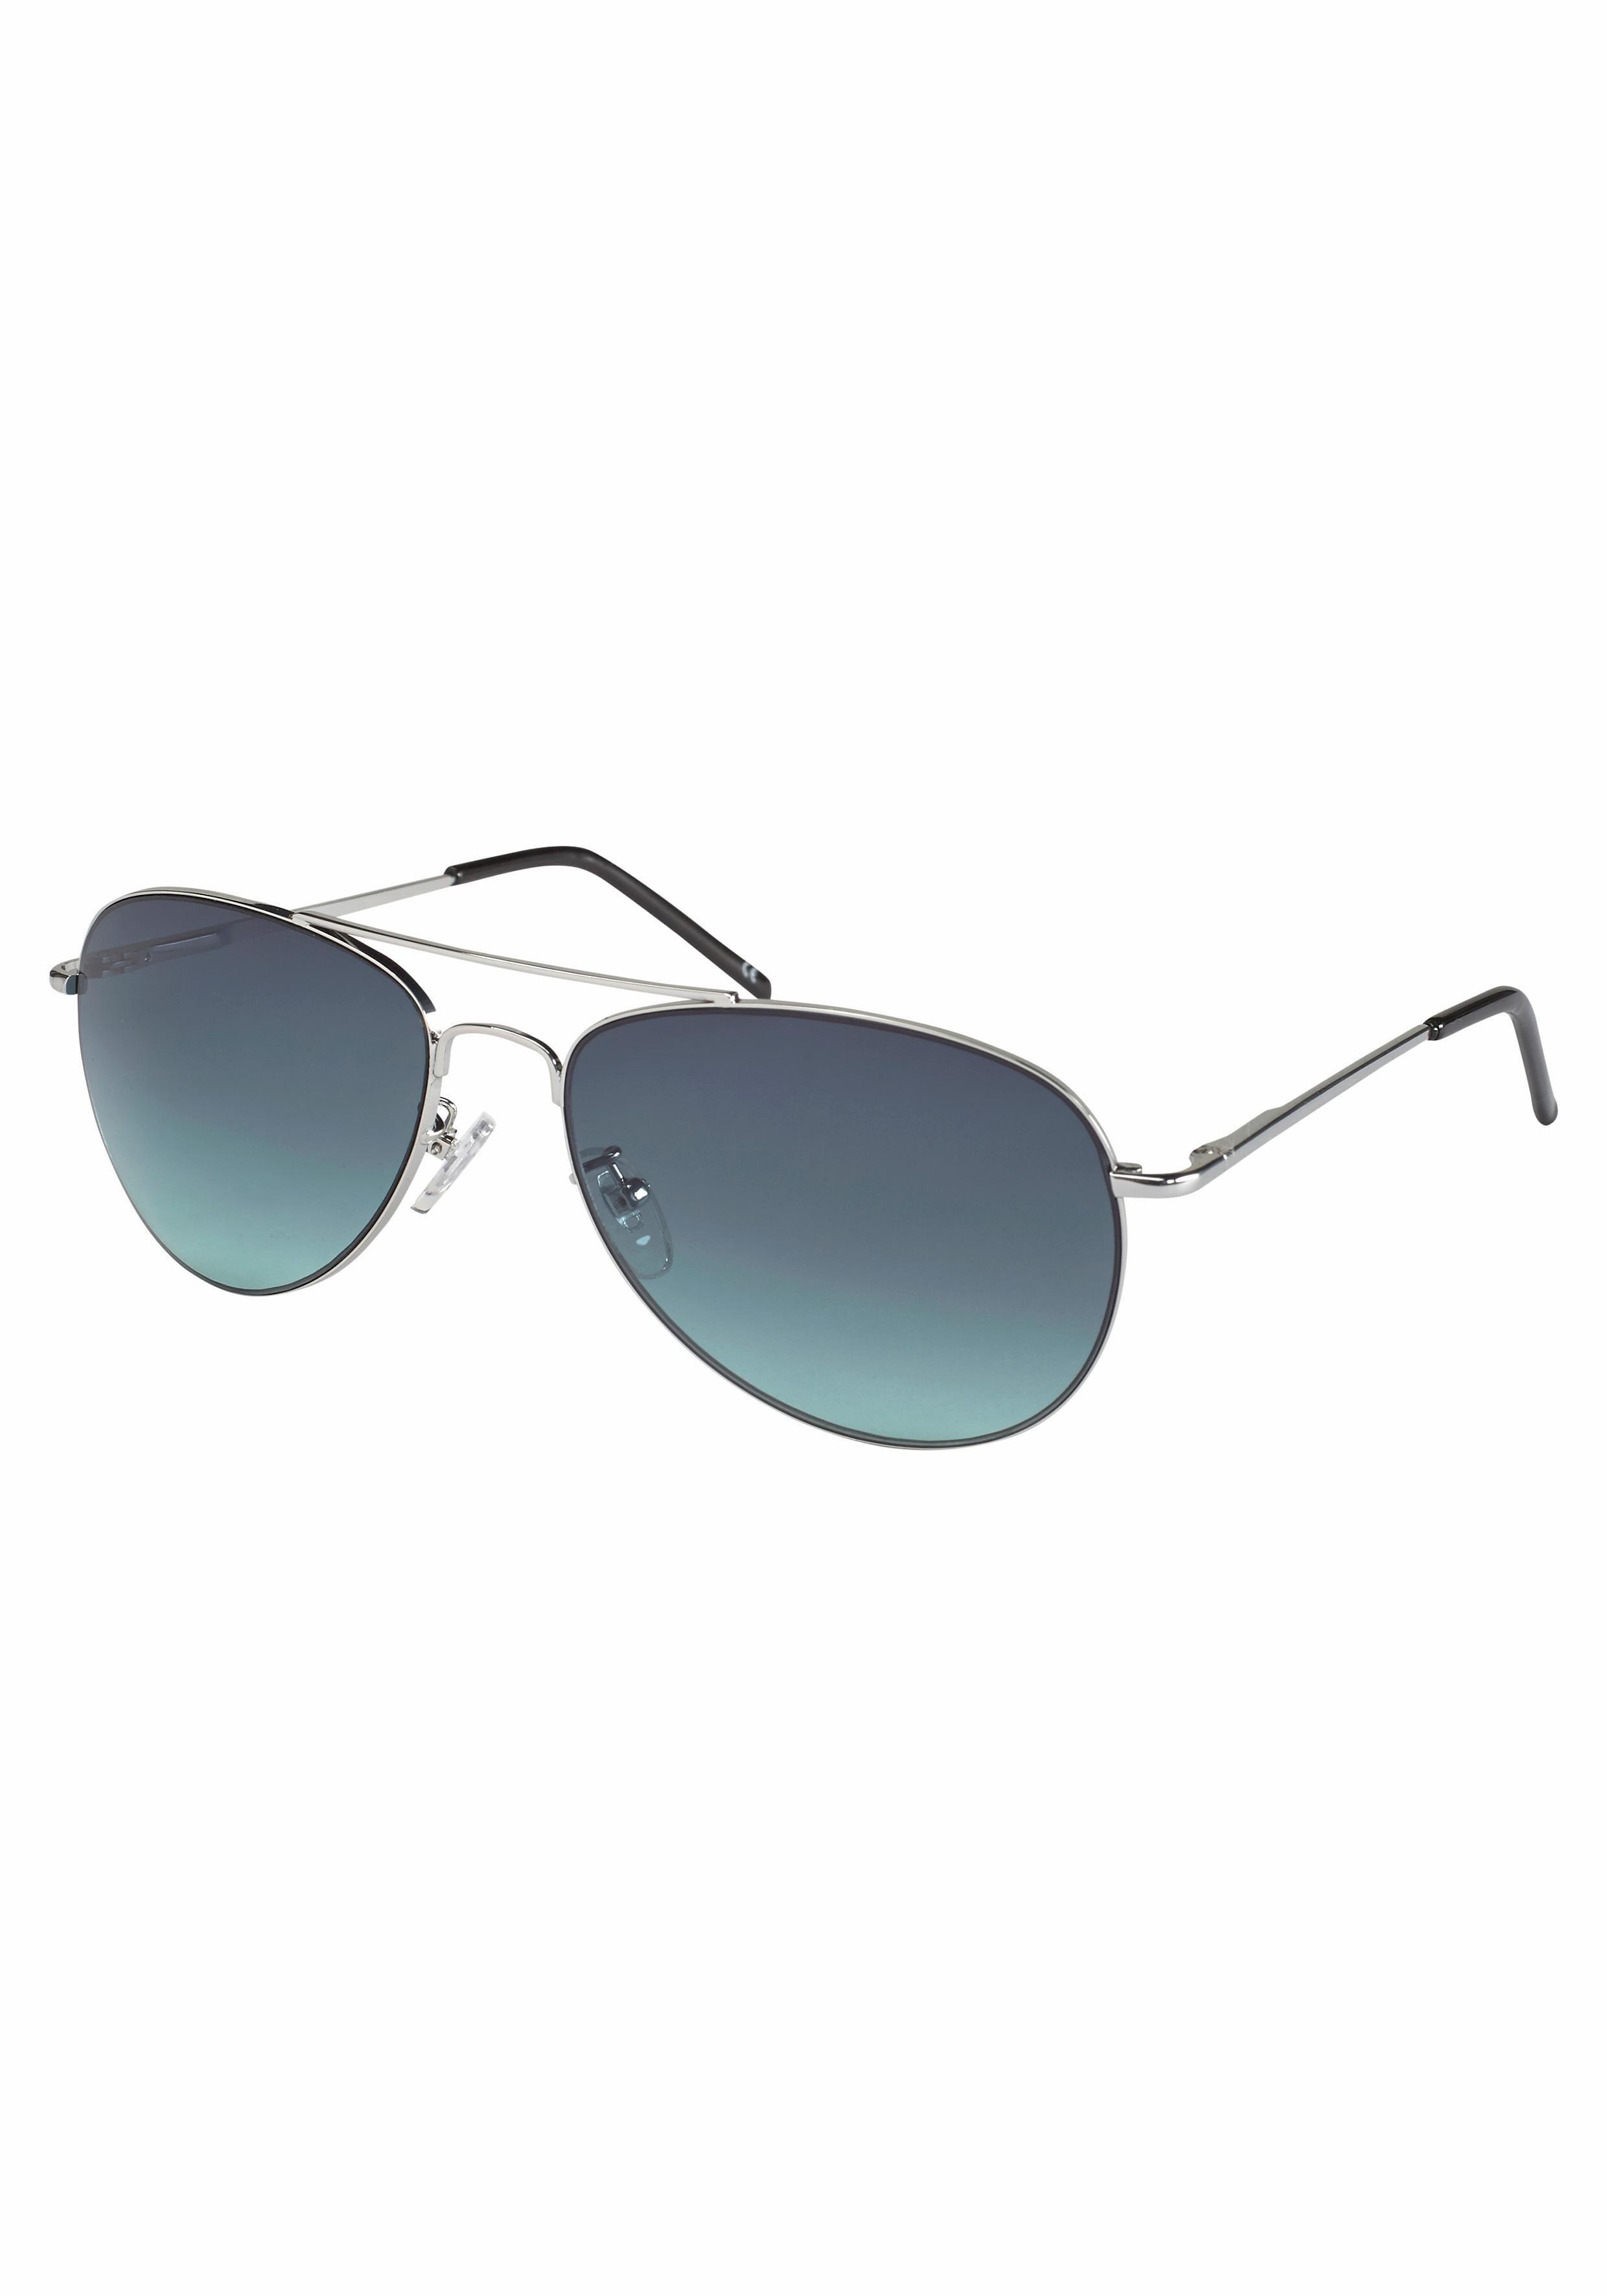 5a17d05c47bb89 Zonnebril kopen  Ruim 110 zonnebrillen van topmerken